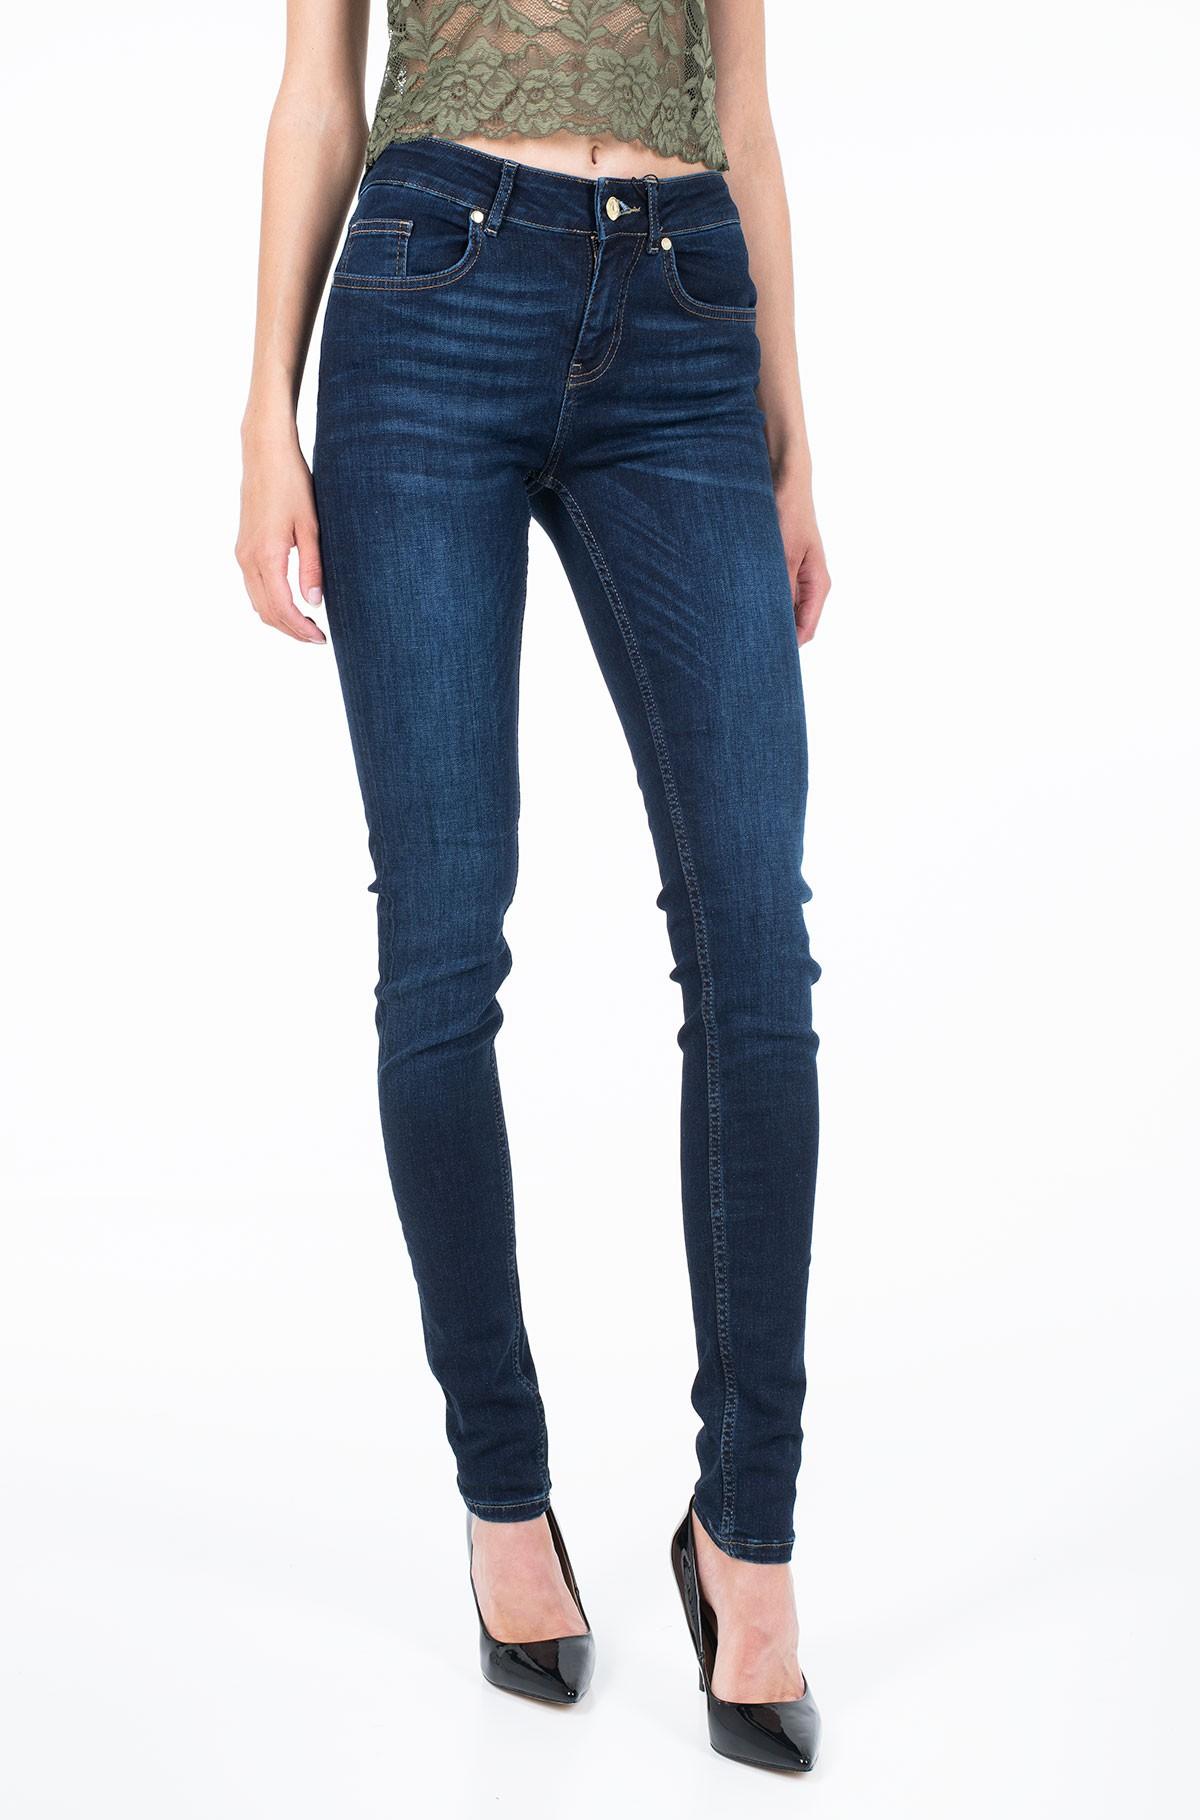 Jeans Jean02 skinny-full-1